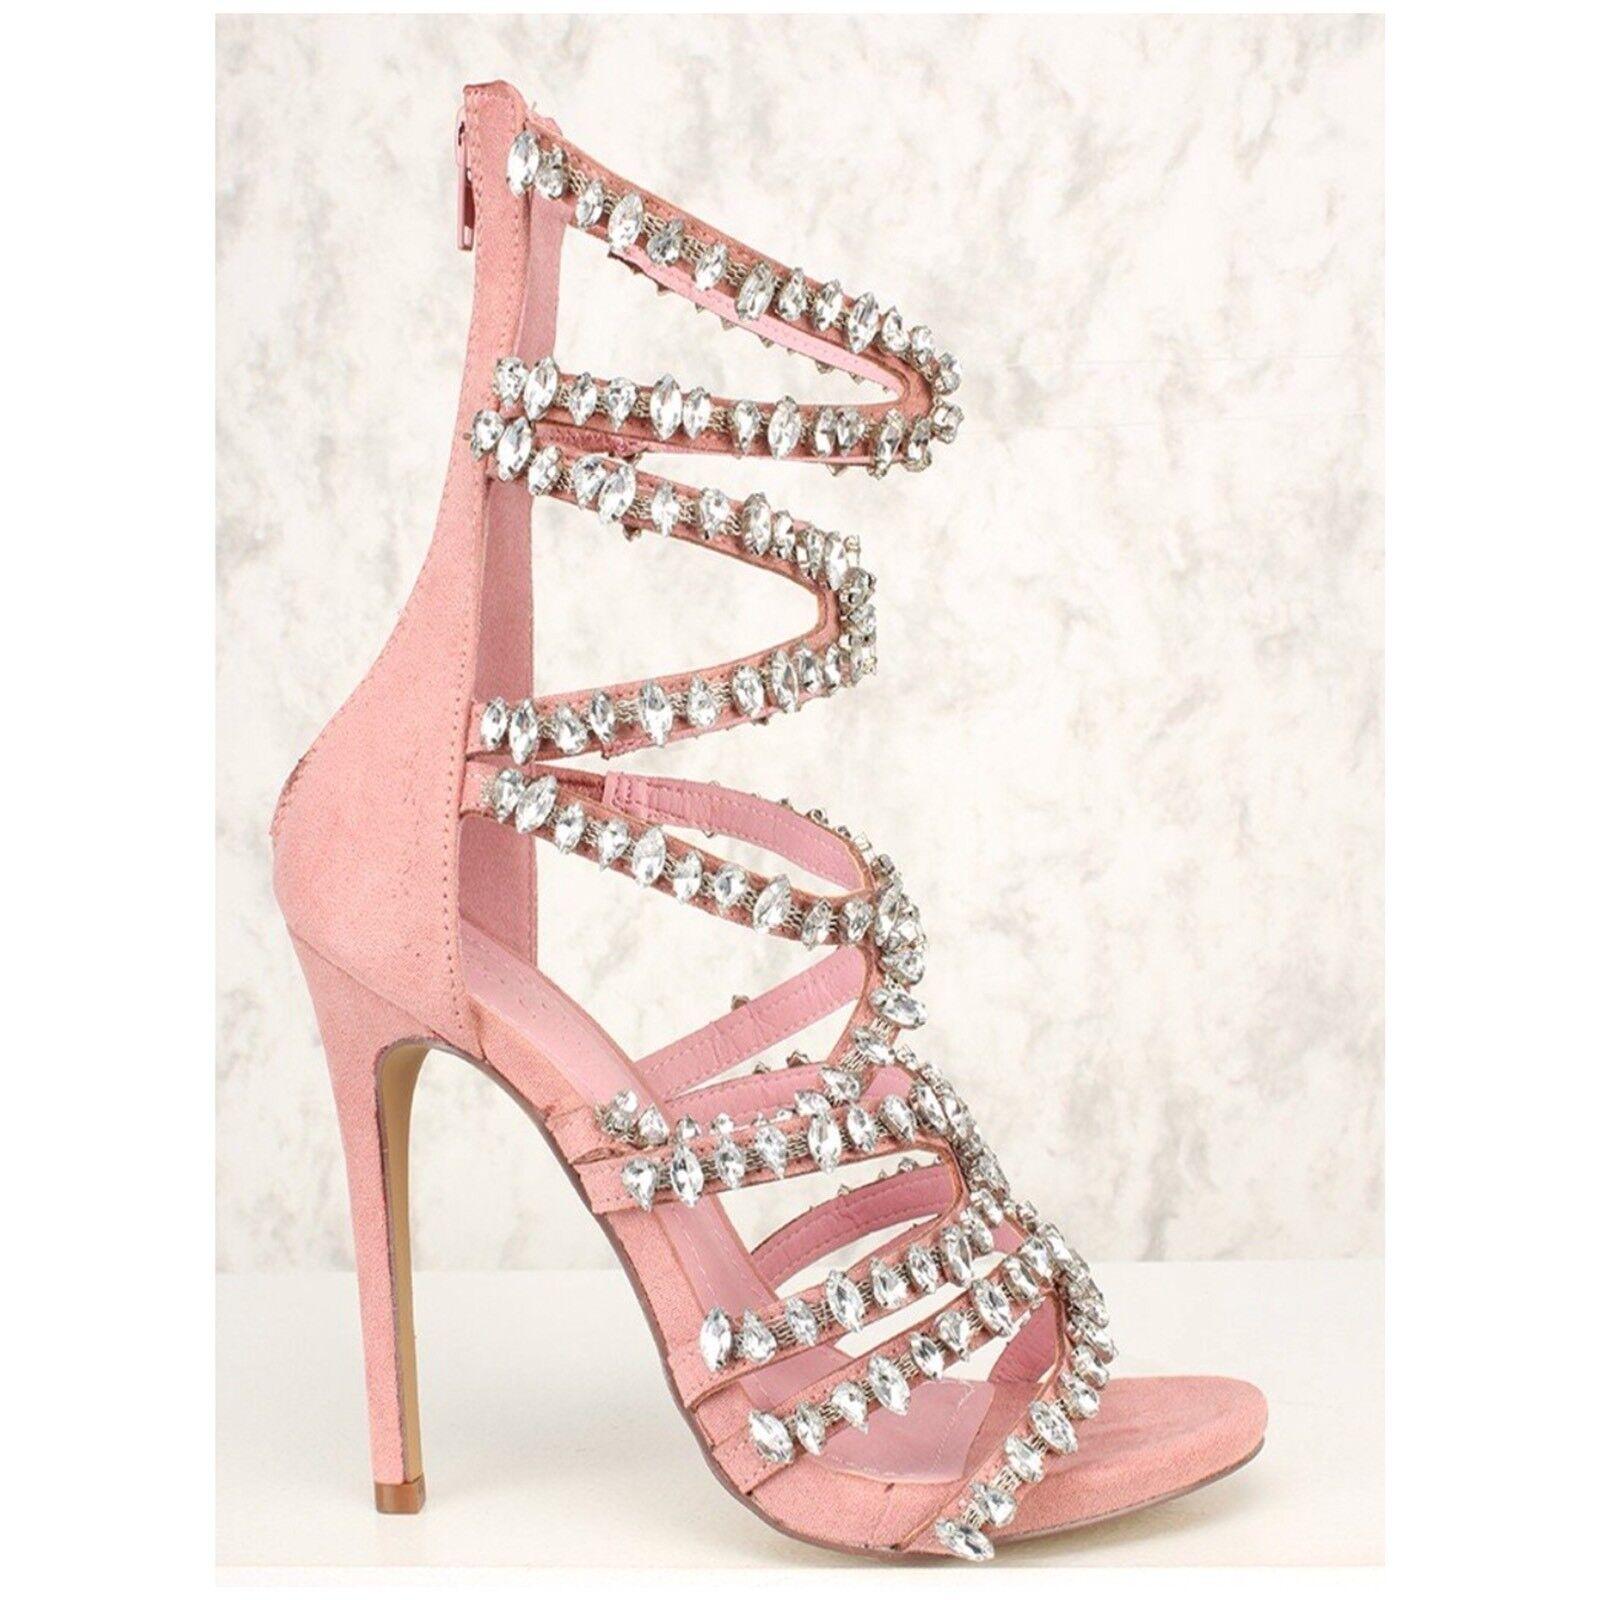 Liliana JESSE-230 Dusty Pink Faux Suede Bling Rhinestone Cage Stiletto Heel